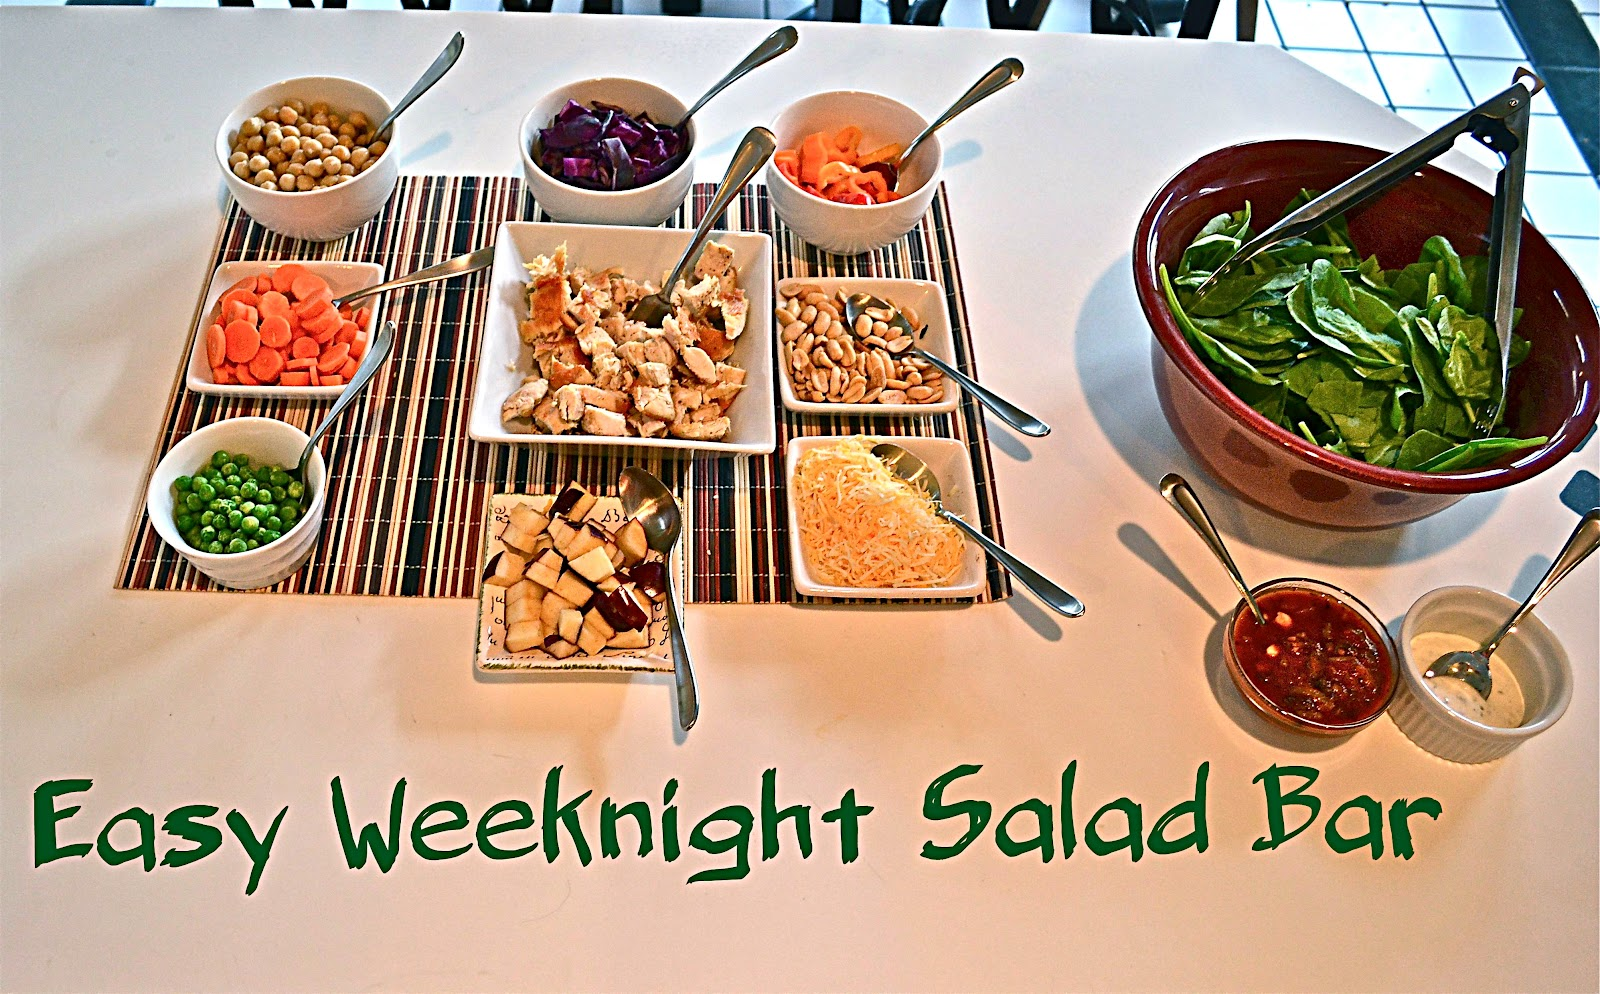 Easy Weeknight Salad Bar